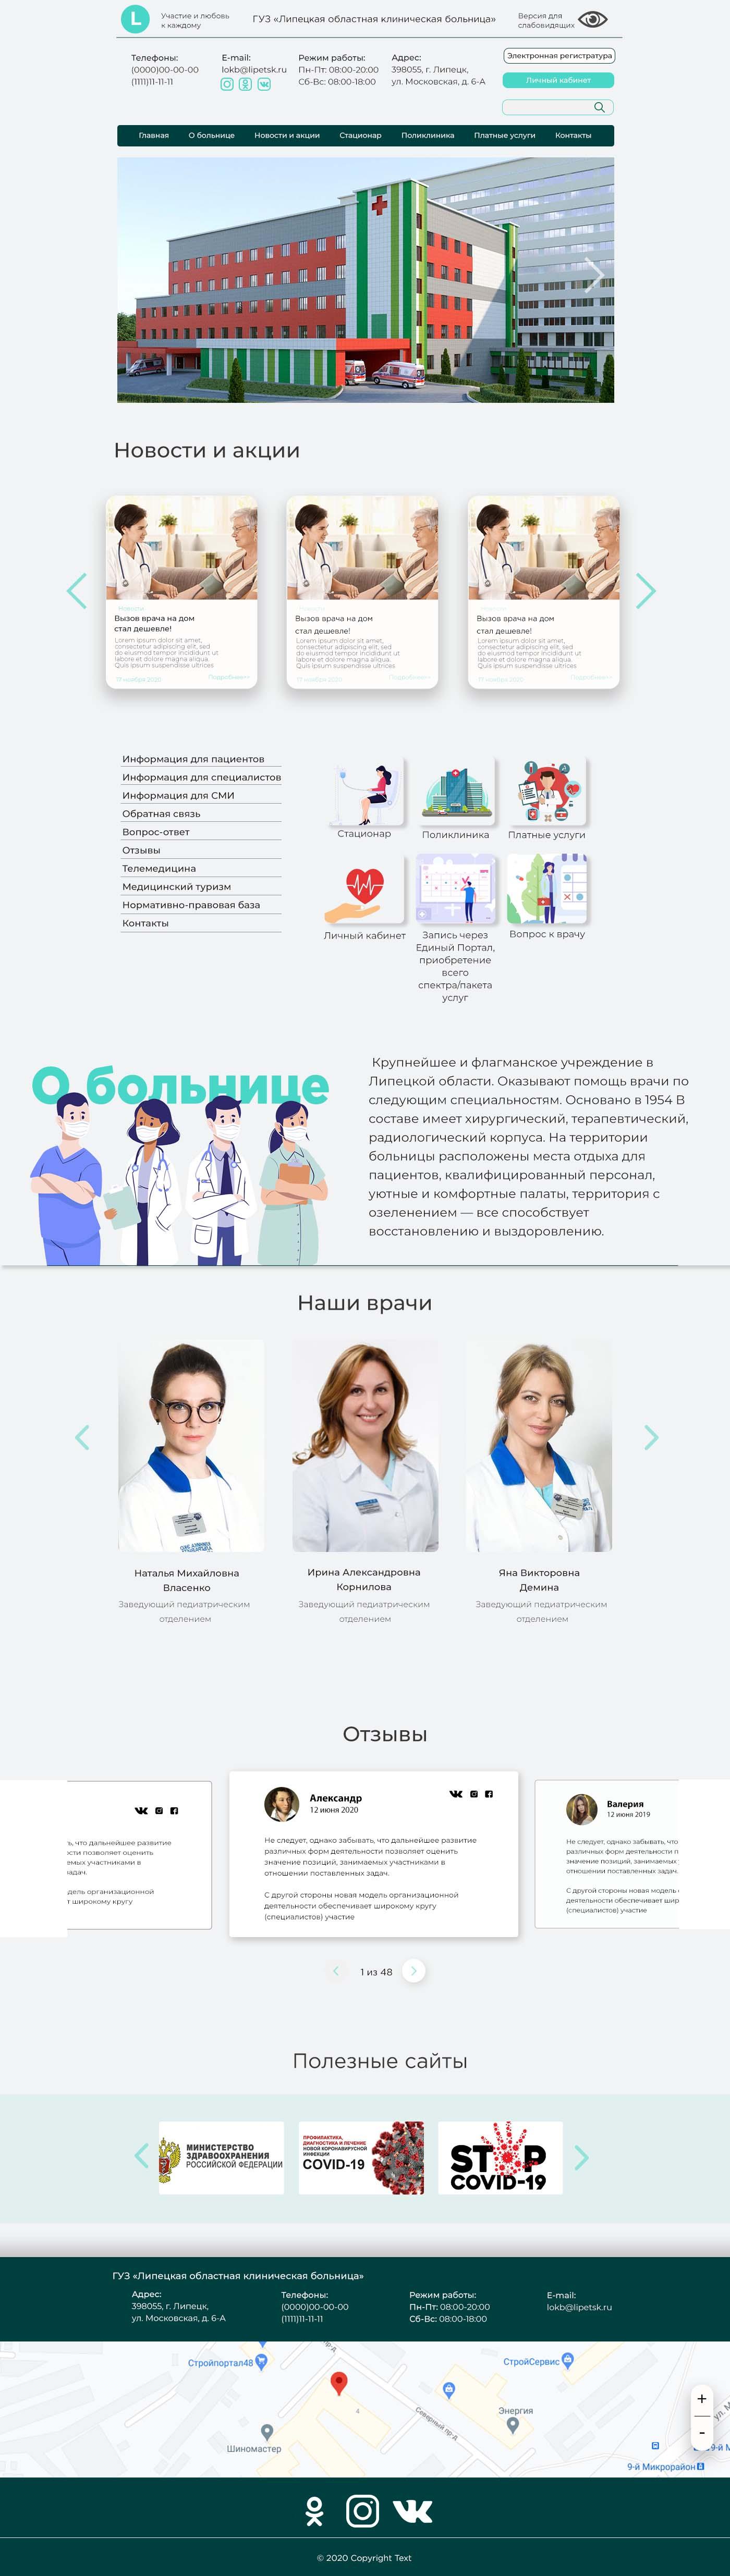 Дизайн для сайта больницы. Главная страница + 2 внутренних. фото f_5955fb4da631b188.jpg